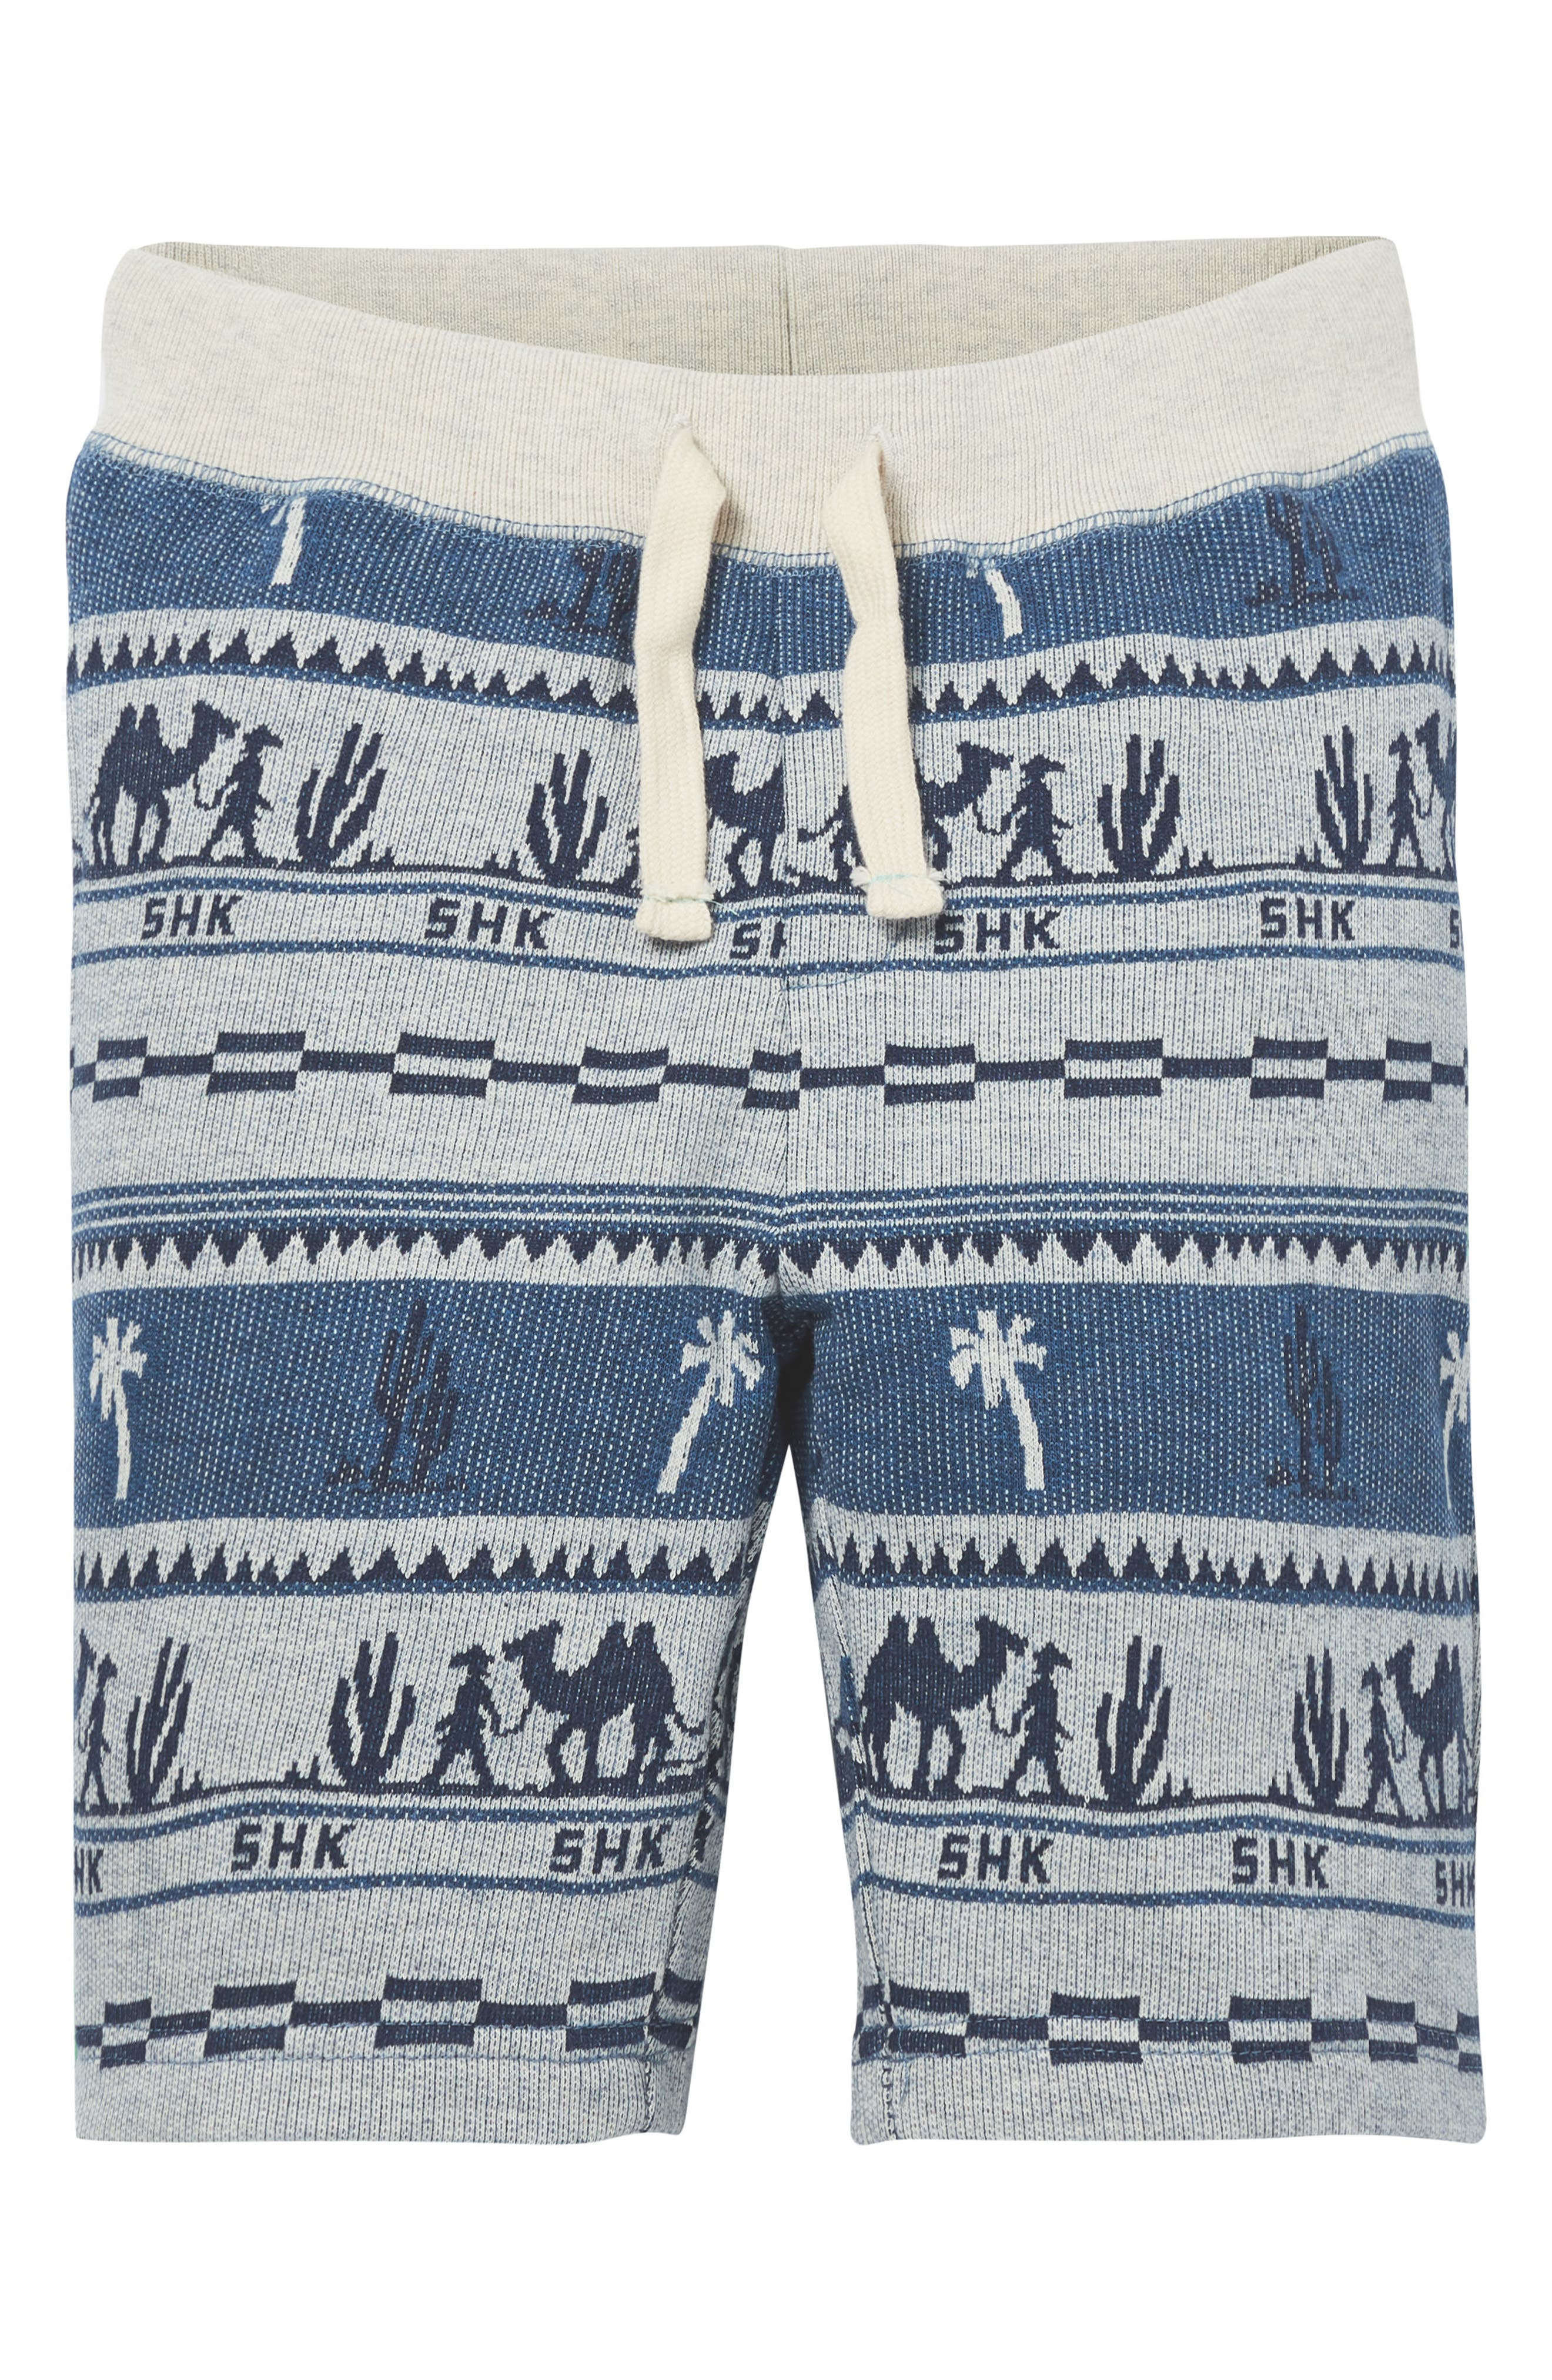 Print Knit Shorts,                             Main thumbnail 1, color,                             400